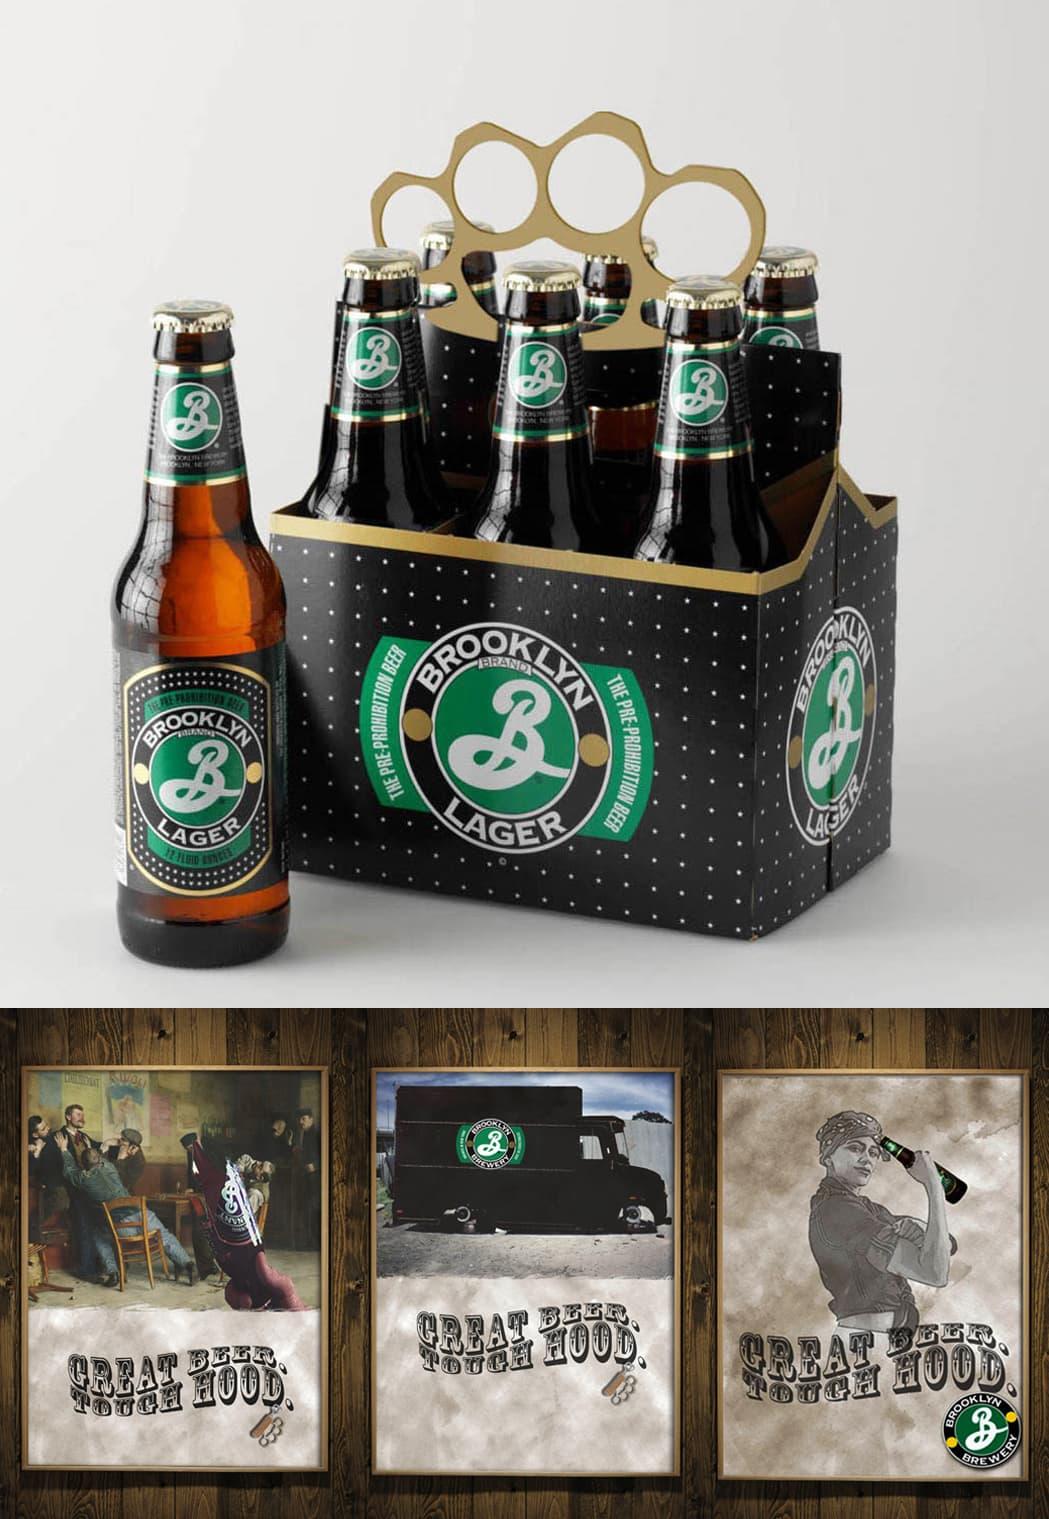 Brooklyn's Brewery